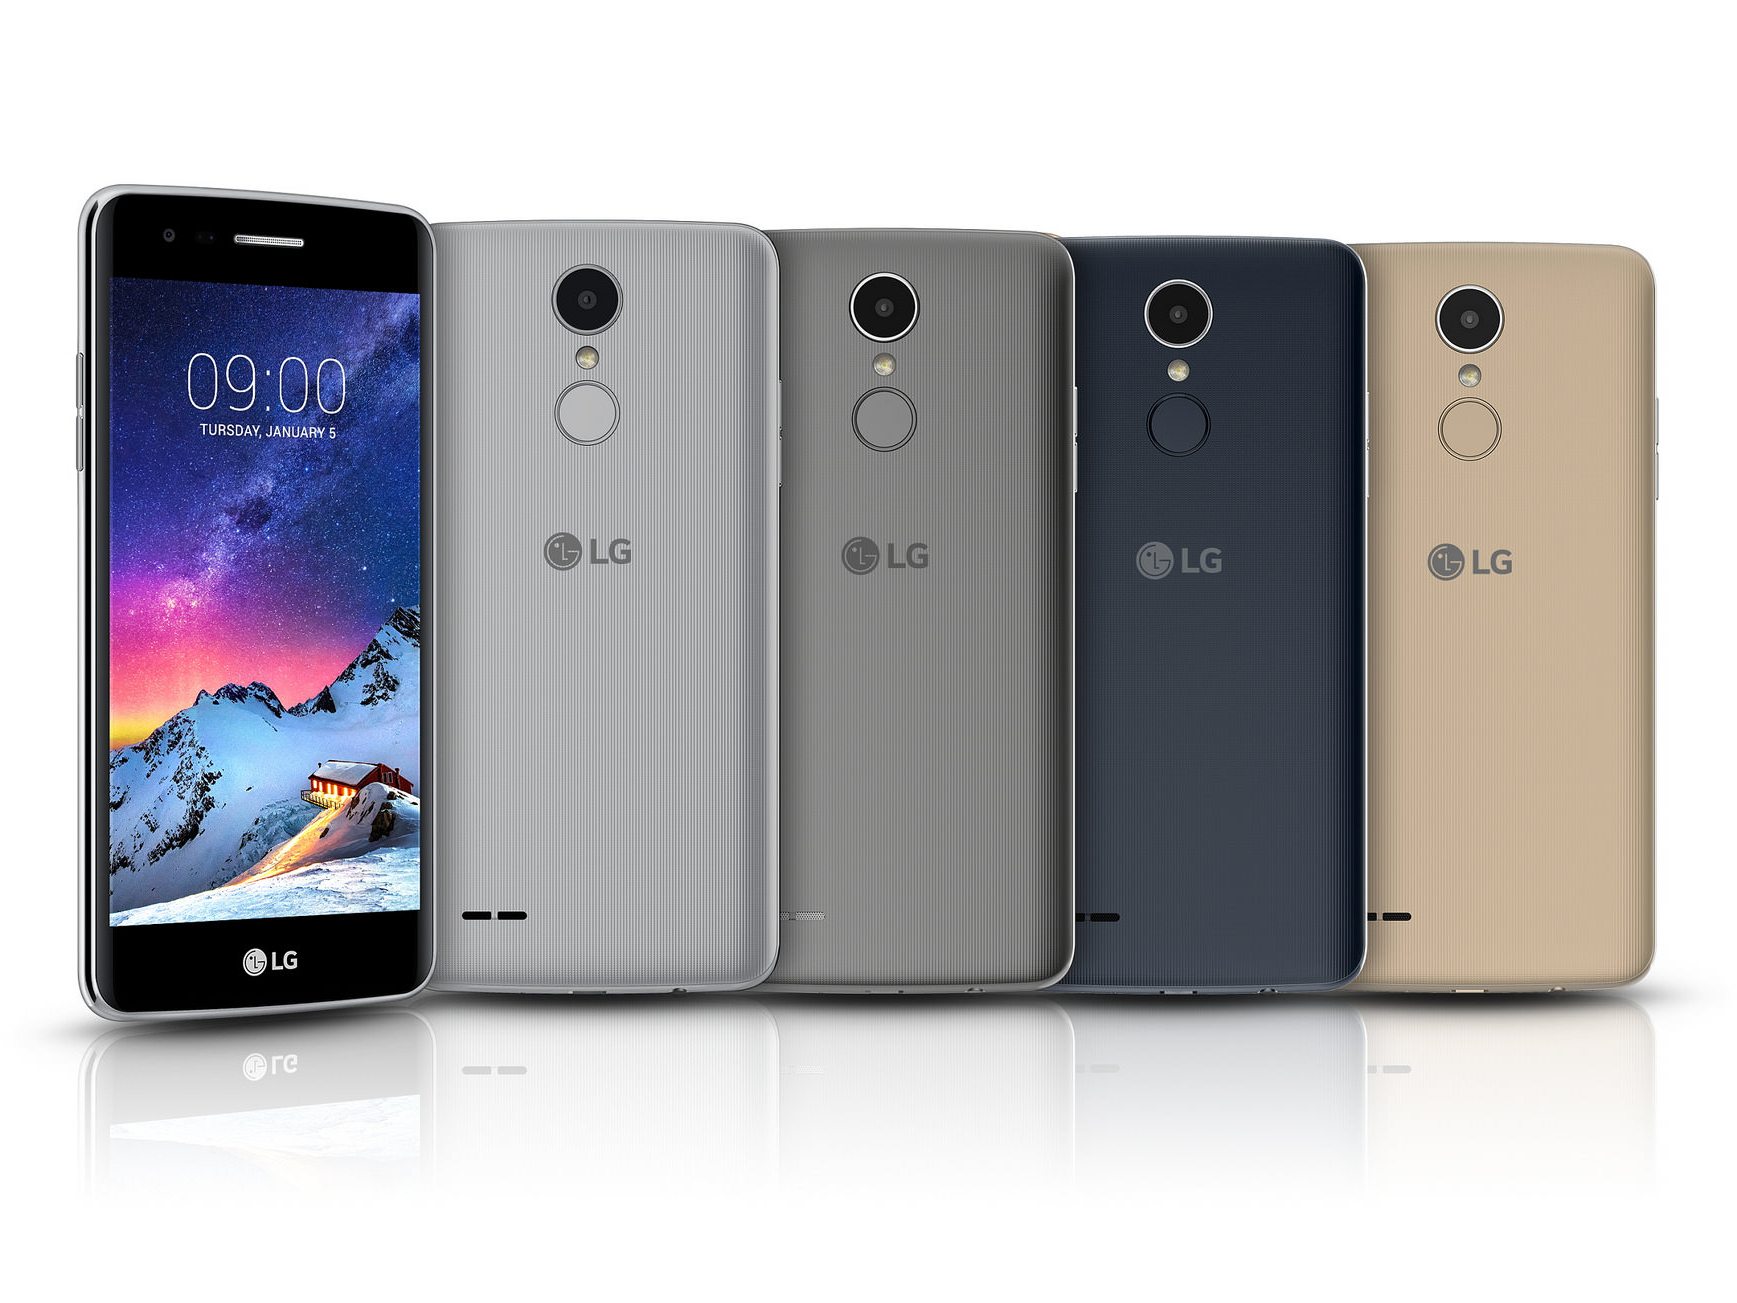 موبایلهای میانرده جدید الجی به صورت رسمی معرفی شدند و باید منتظر اطلاعات جدیدی از موبایلهای میانرده جدید الجی در نمایشگاه CES 2017 بود.